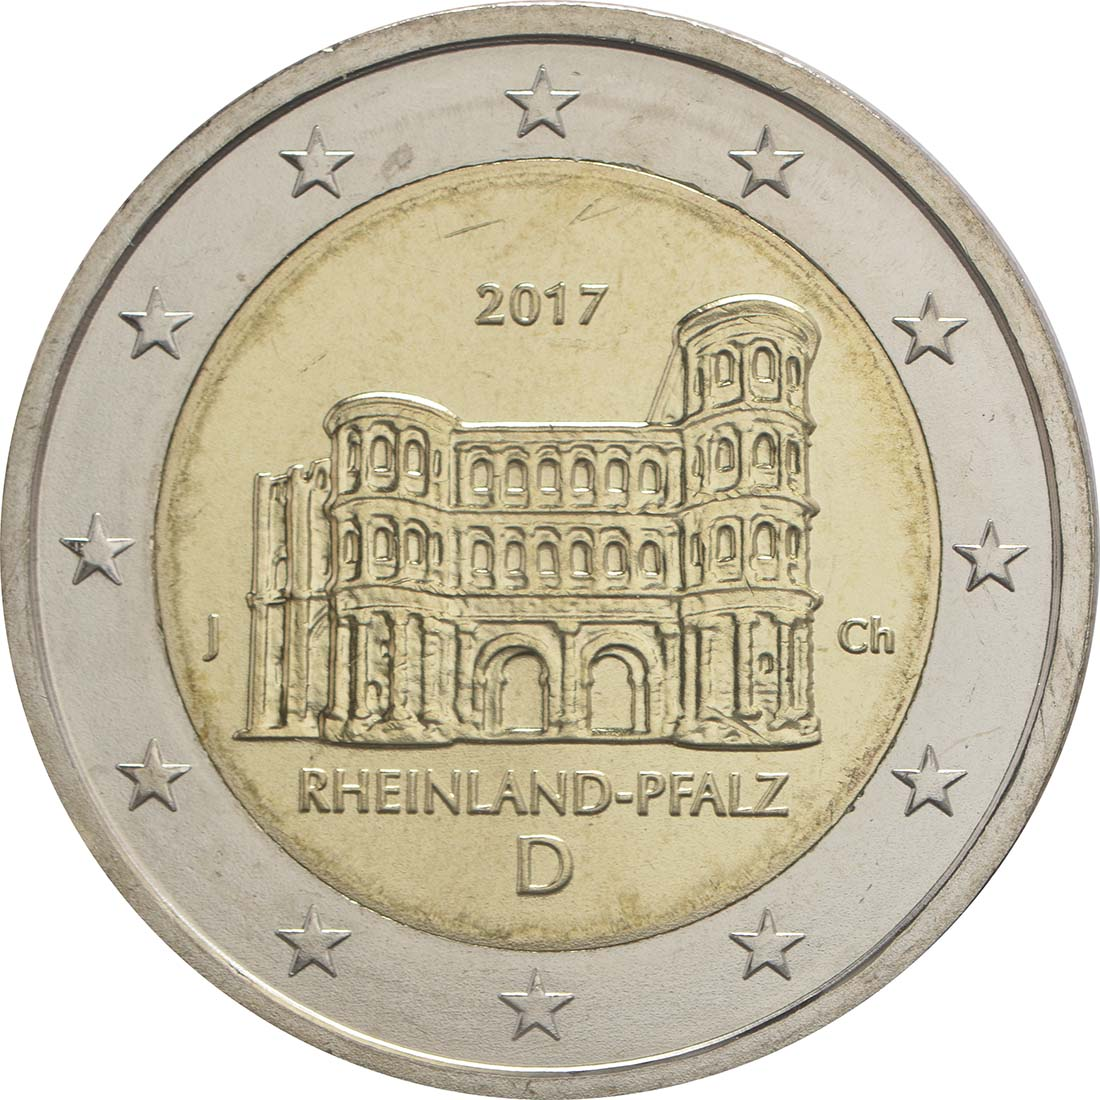 2017 267 Deutschland Rheinland-Pfalz.jpg